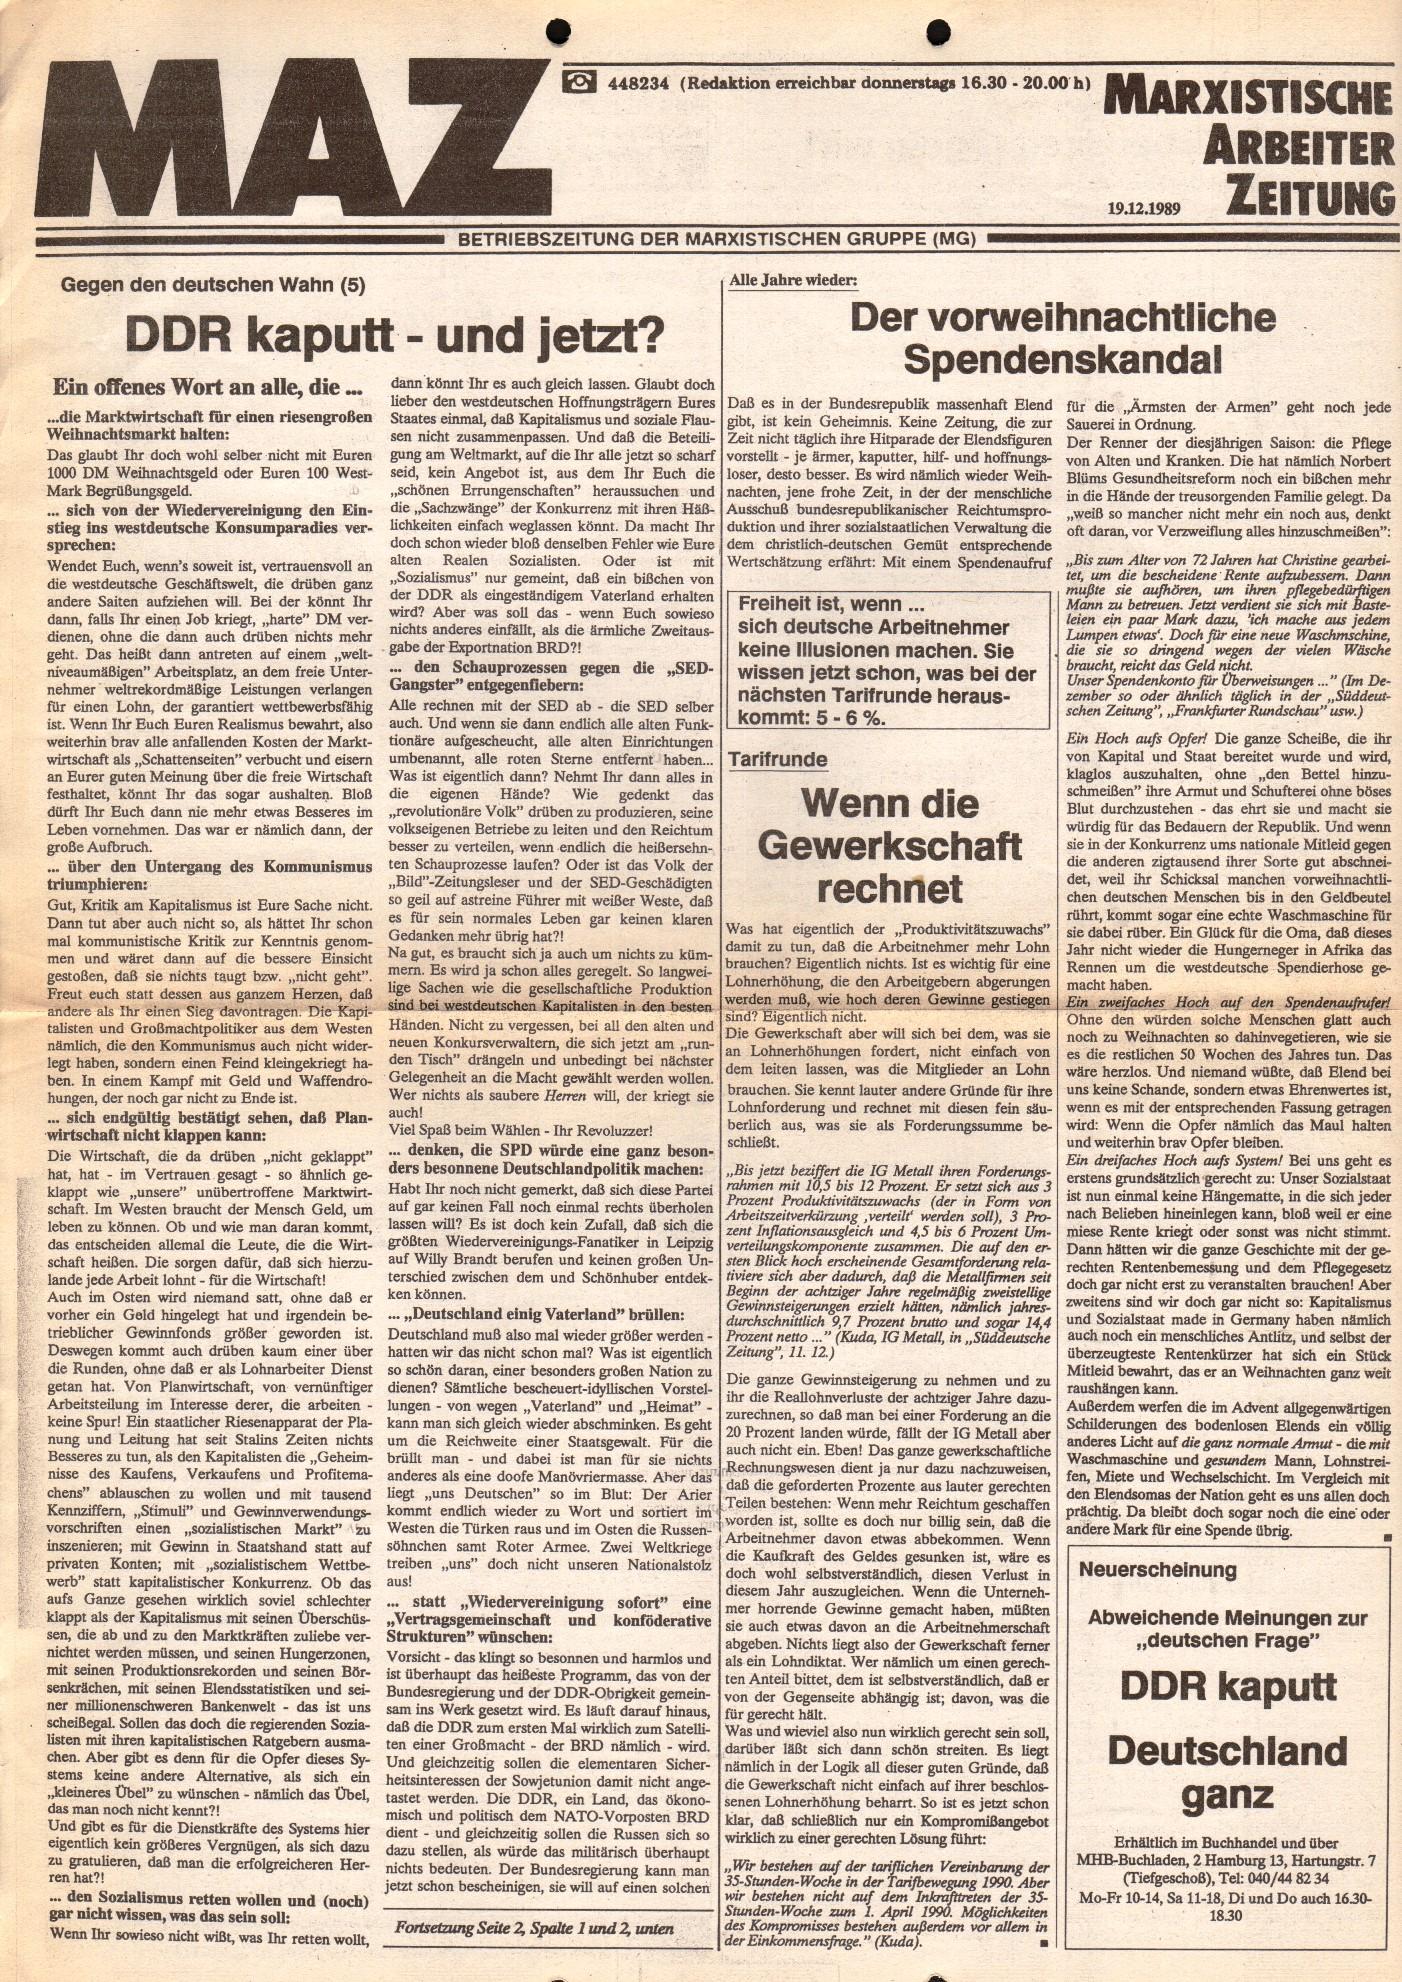 Hamburg_MG_MAZ_19891219_01